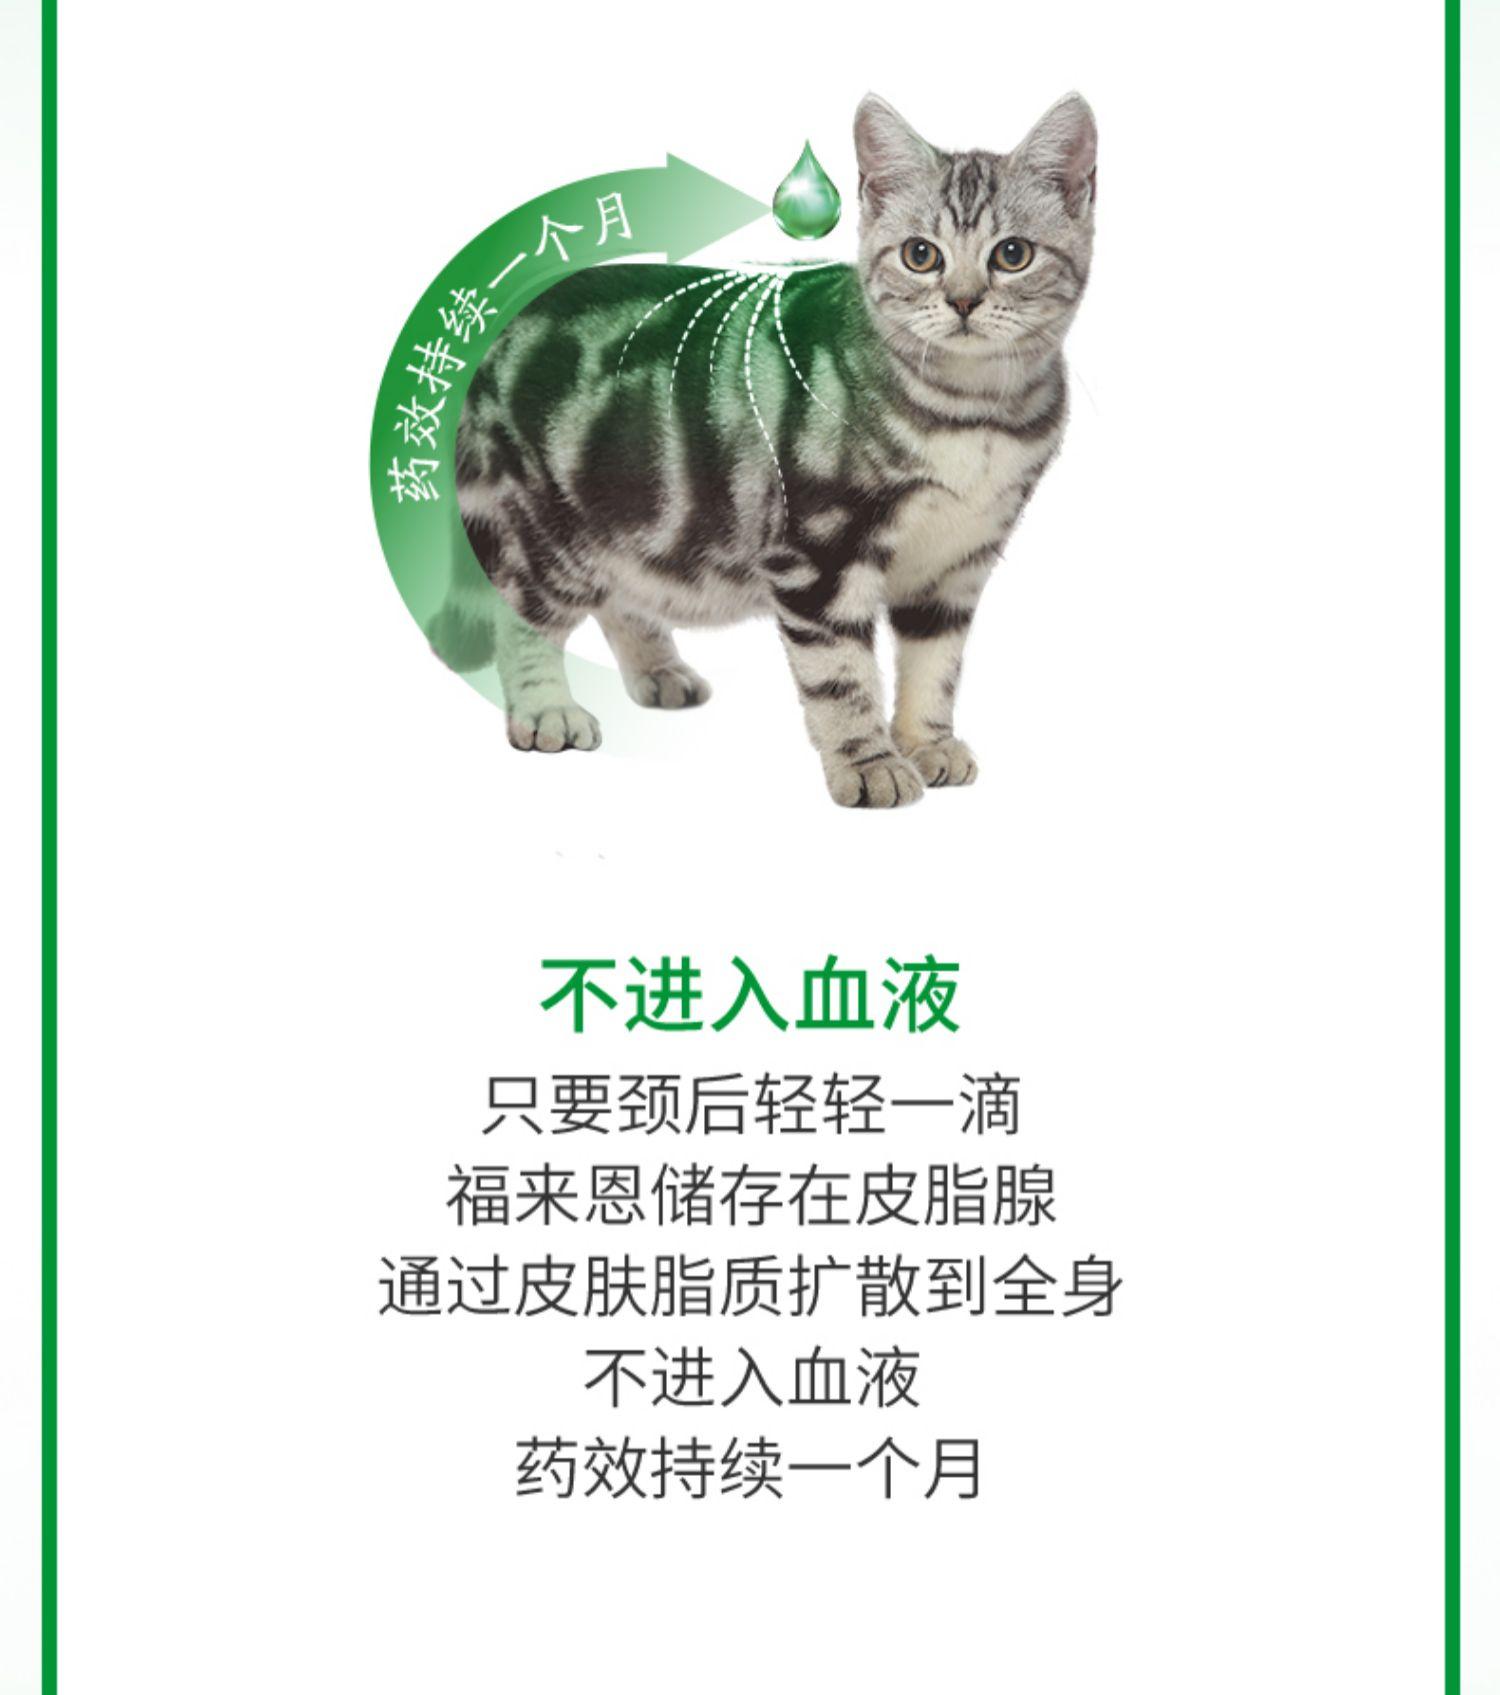 幼猫福来恩体外驱虫药去跳蚤除虱子虫杀虫打虫药滴剂猫咪用福莱恩商品详情图